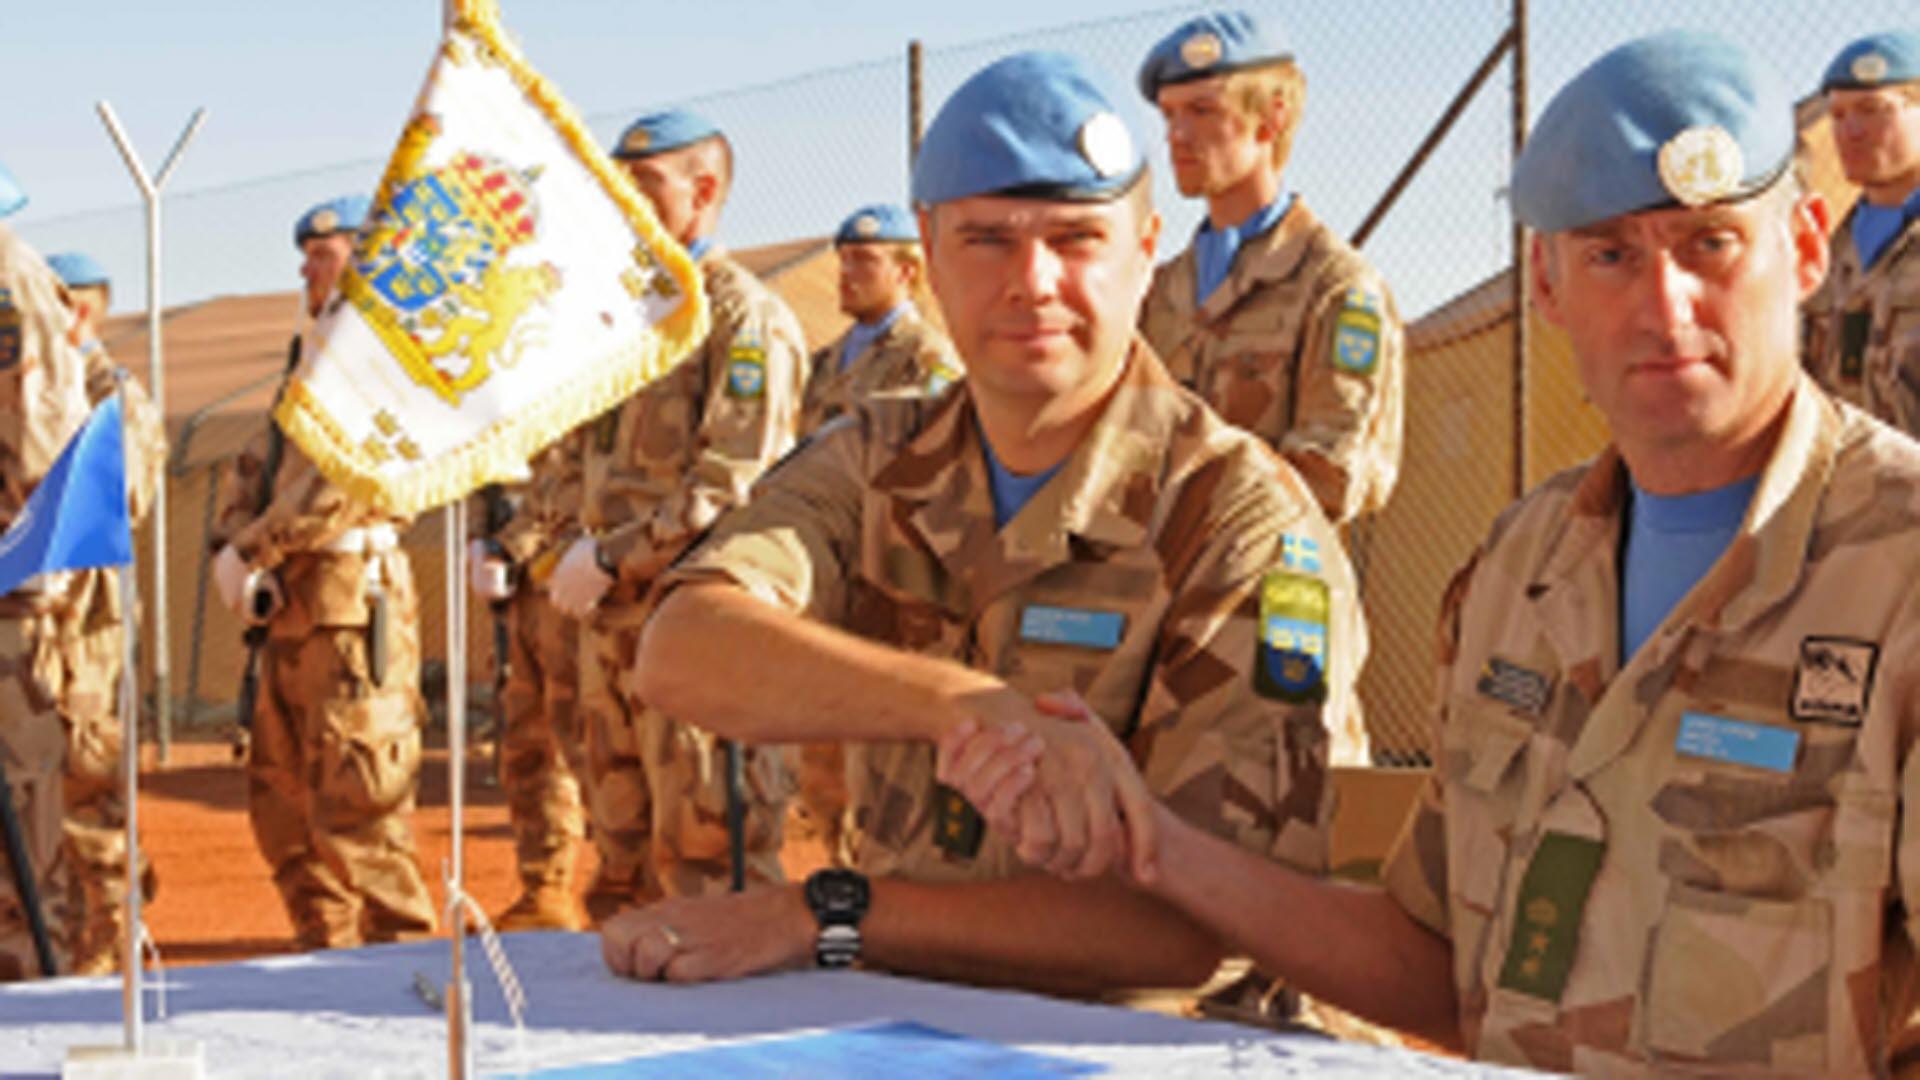 Två män i sandfärgade uniformer och blå baskrar sitter vid bord och tar  varandra formellt i 76adc7a441ca5